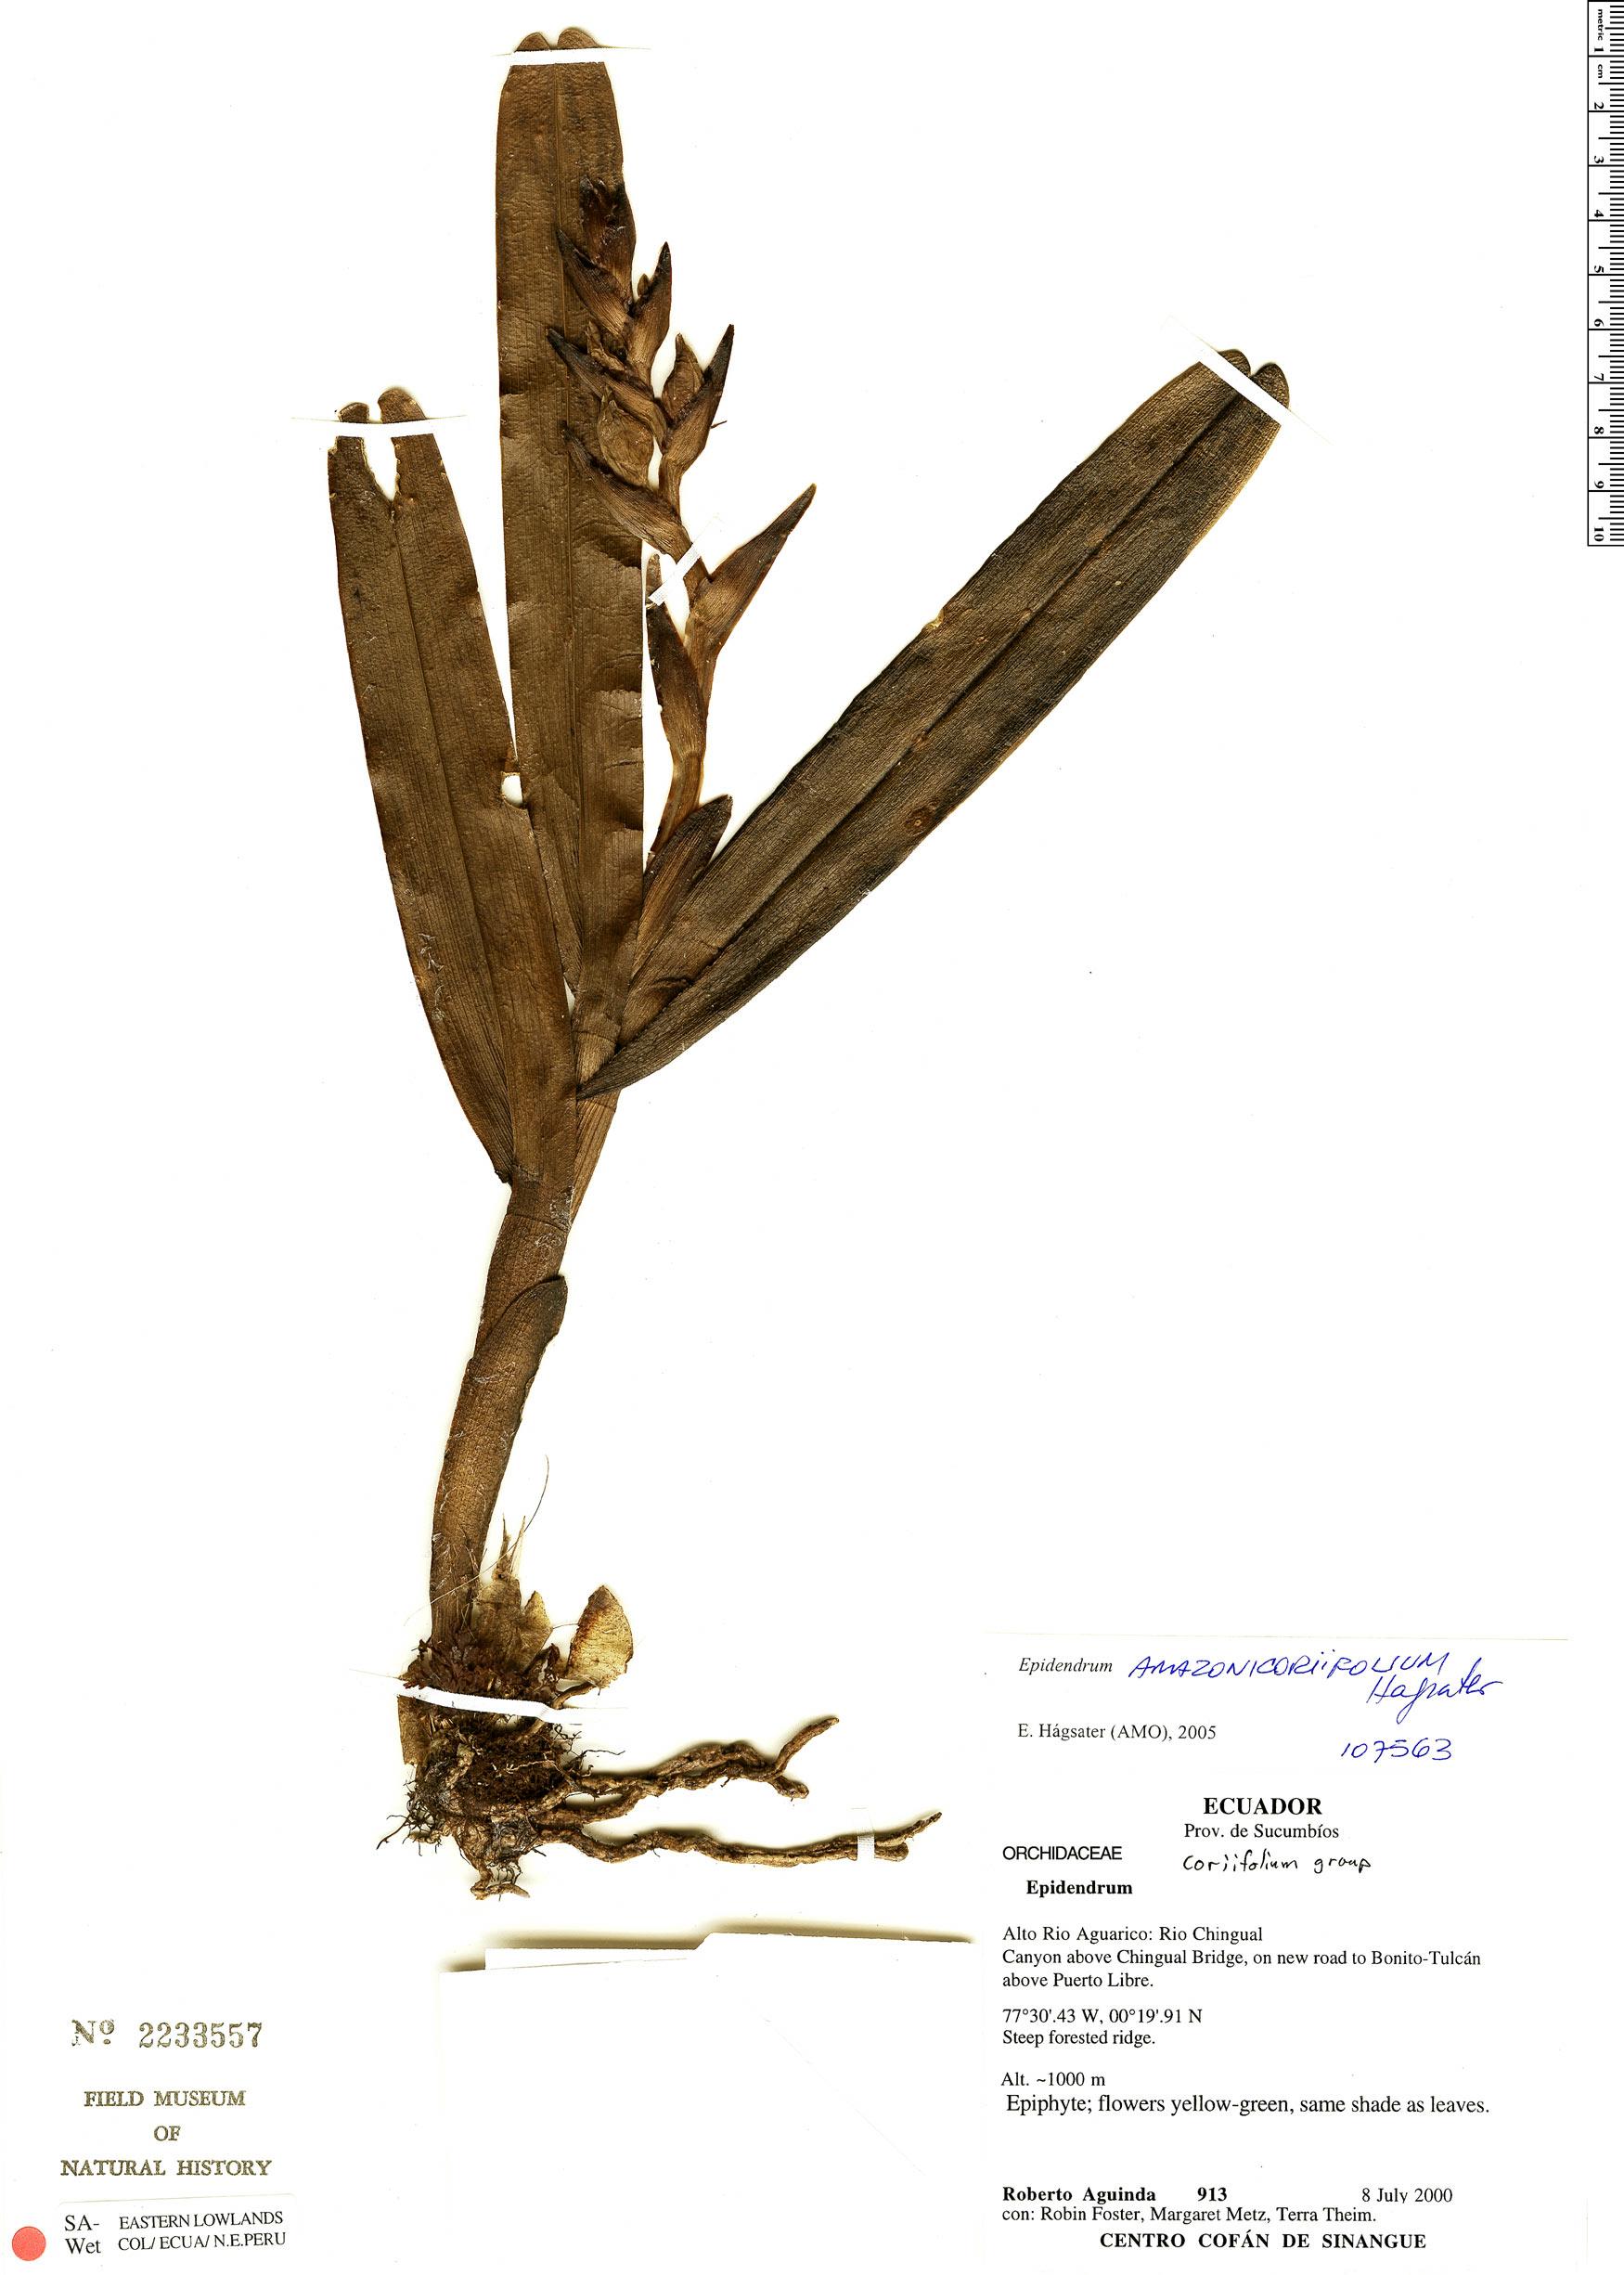 Specimen: Epidendrum amazonicoriifolium